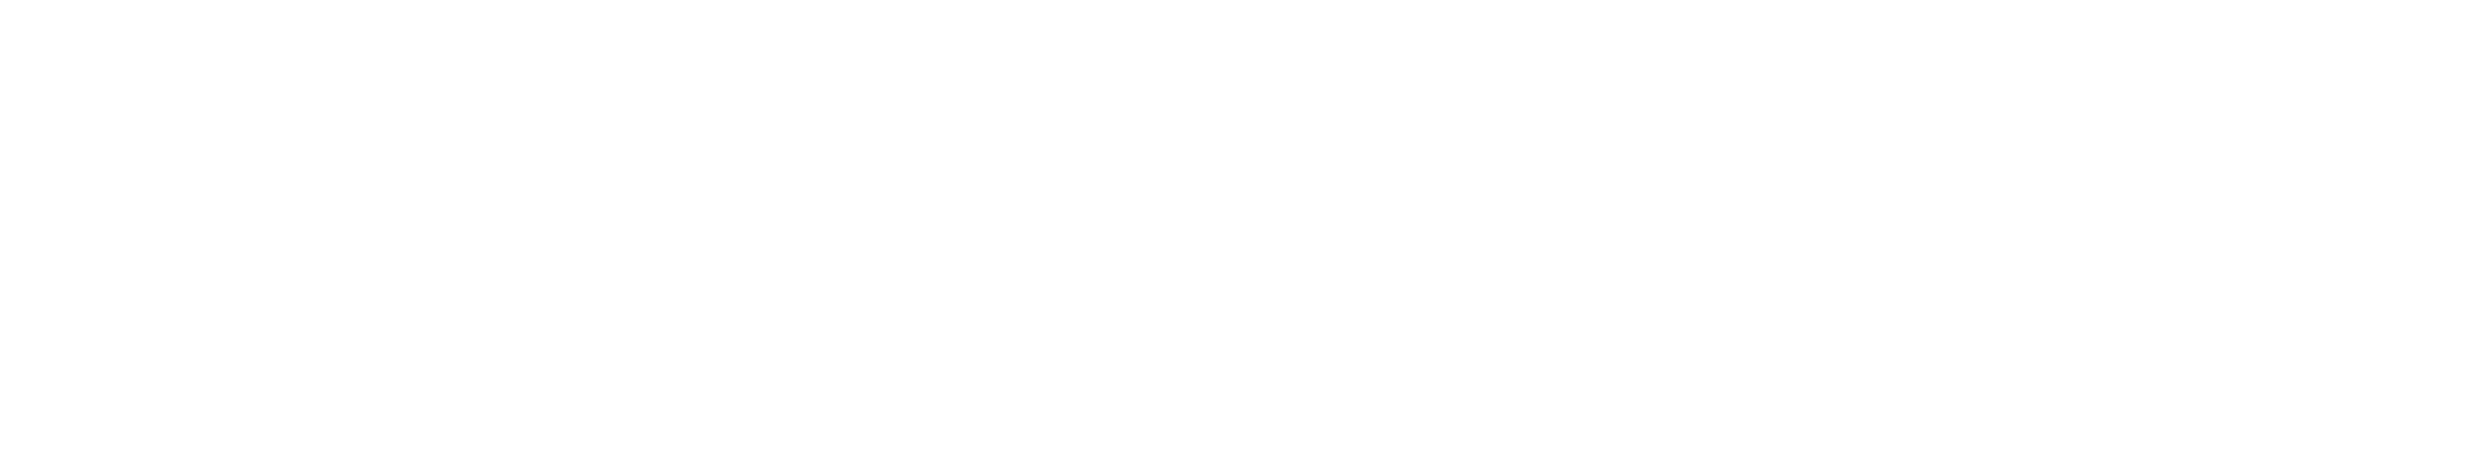 Infinite Strings